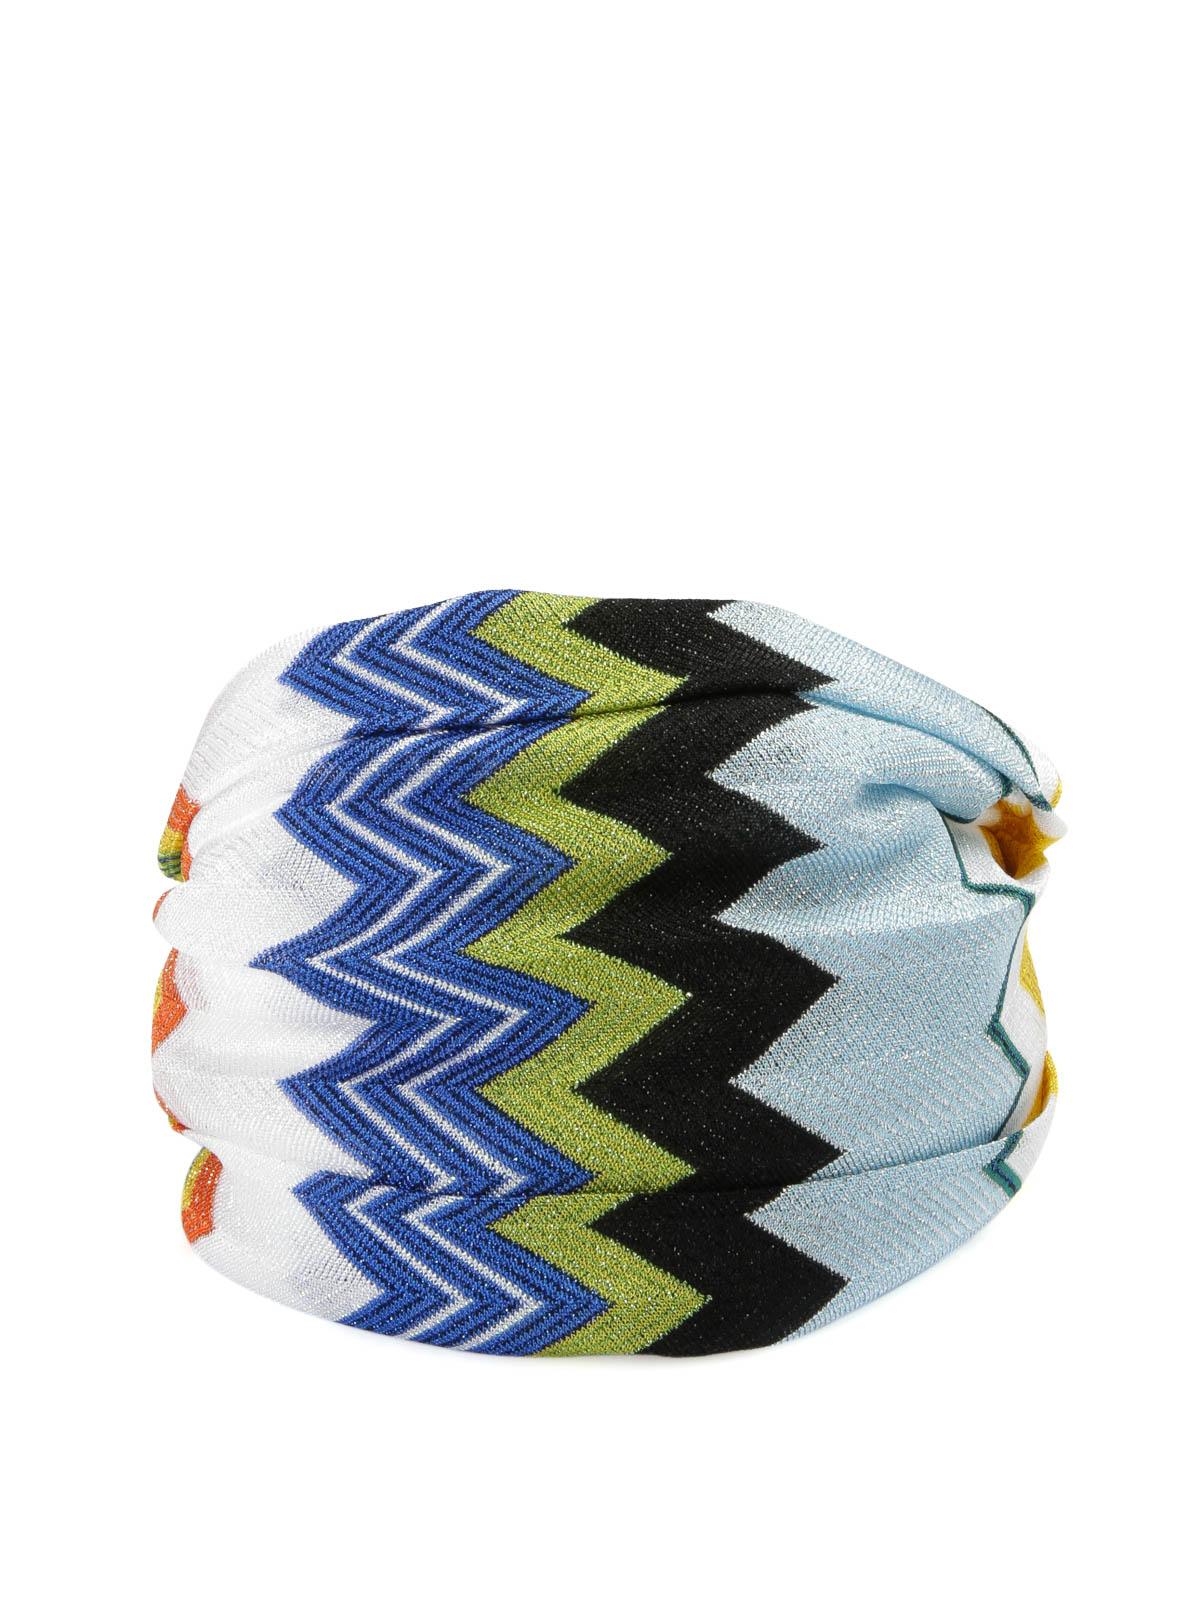 Missoni - Fascia per la testa fantasia - accessori per capelli ... db69415b754d